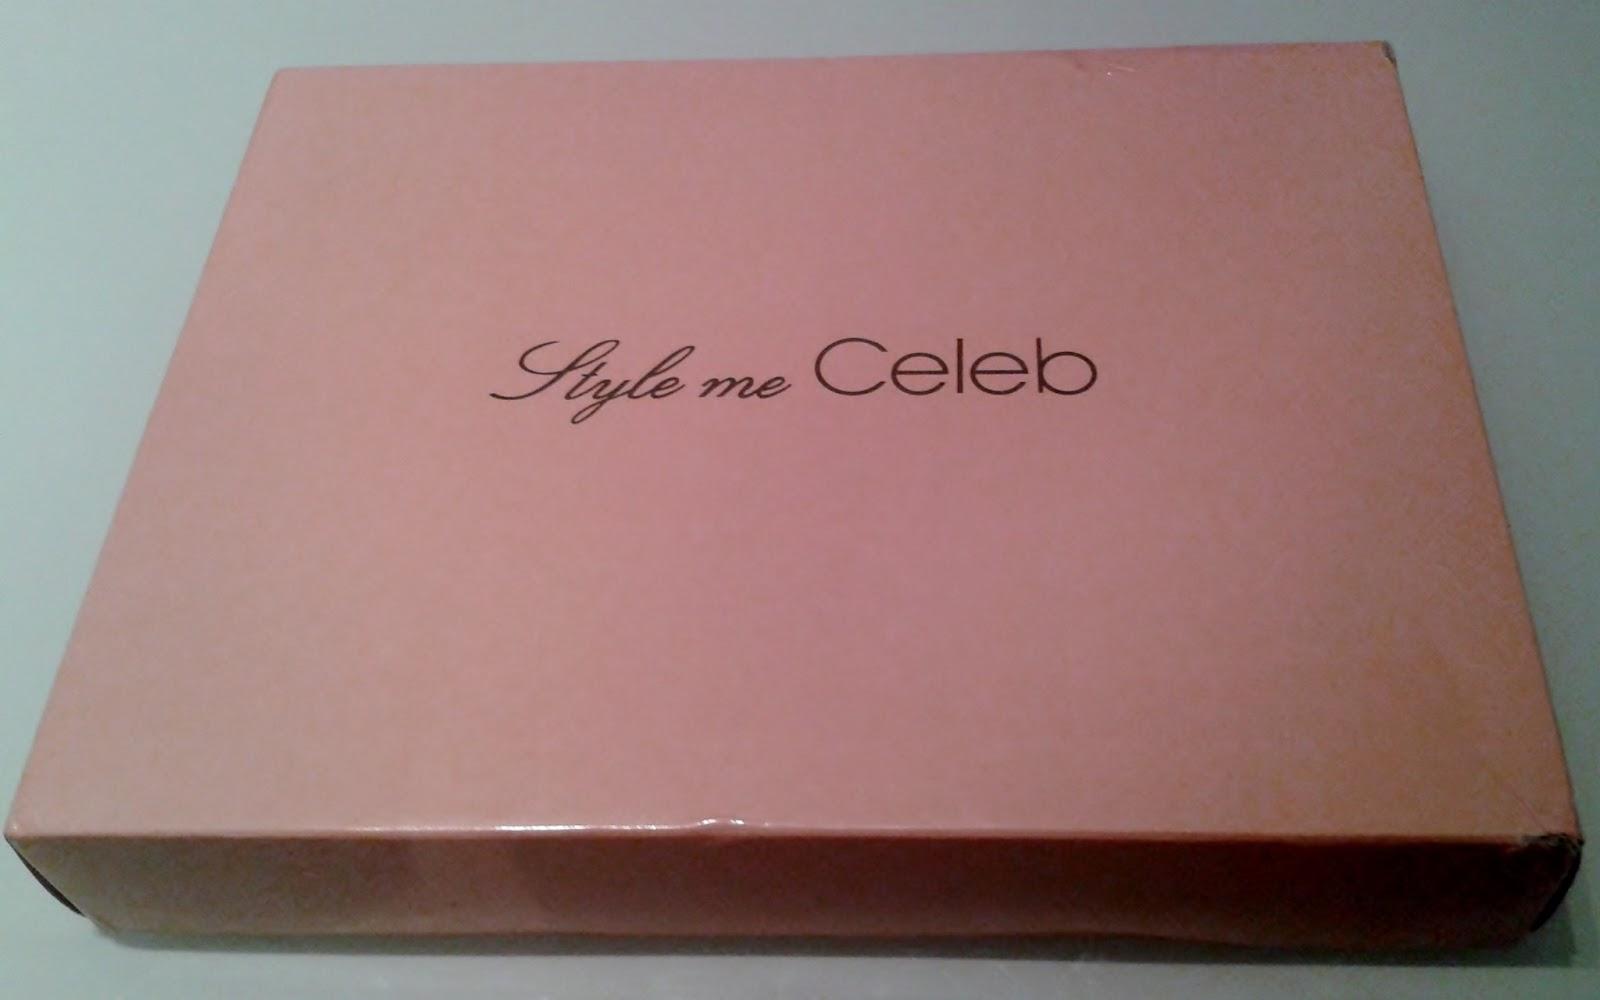 Dress box by Style Me Celeb